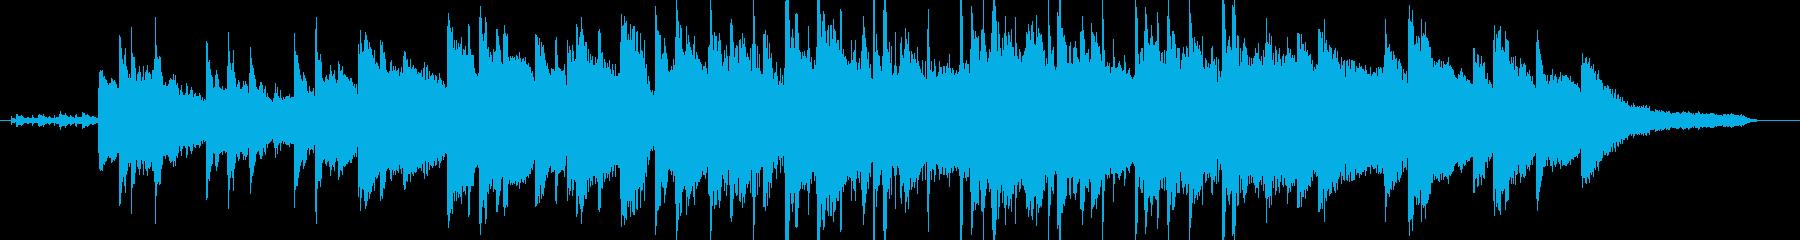 瑞々しく弾むようなピアノ曲の再生済みの波形